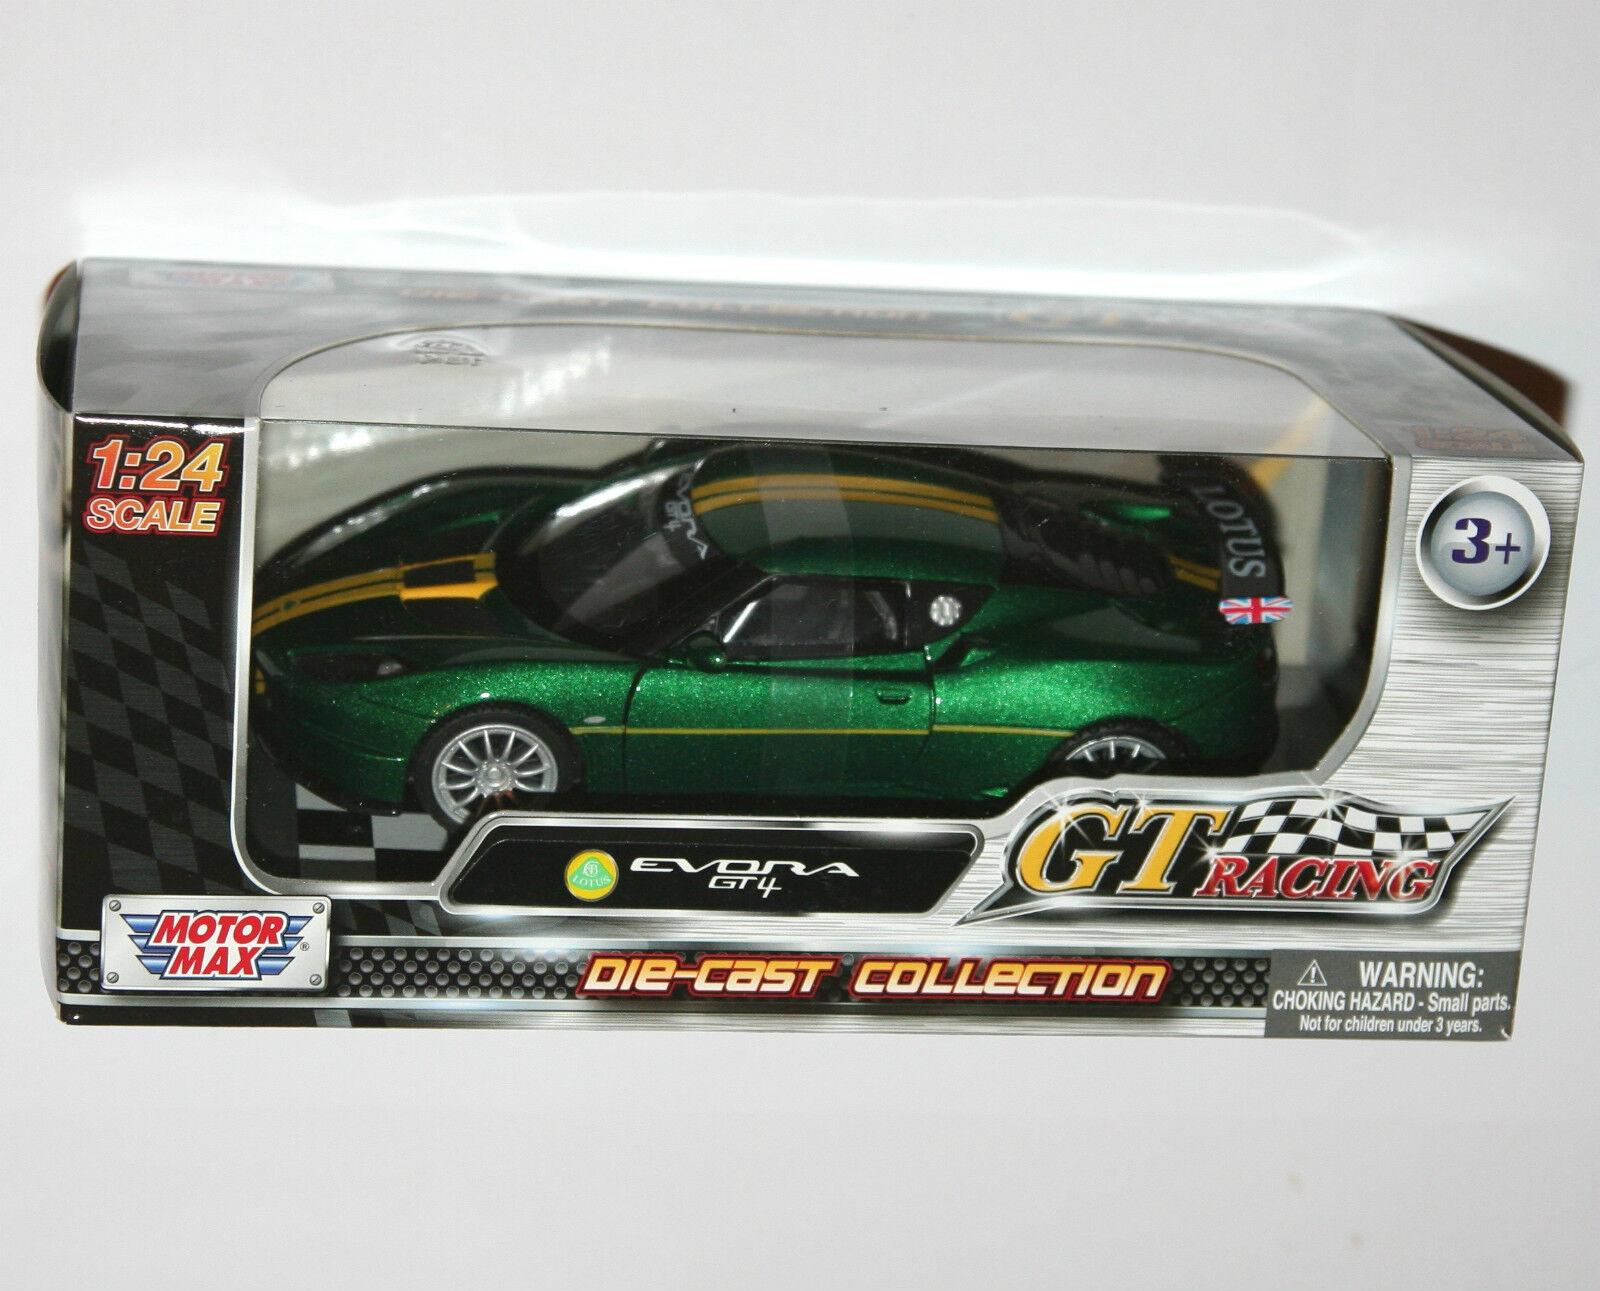 Motor Max - LOTUS EVORA EVORA EVORA GT4 (Green) - Model Scale 1 24 92f434